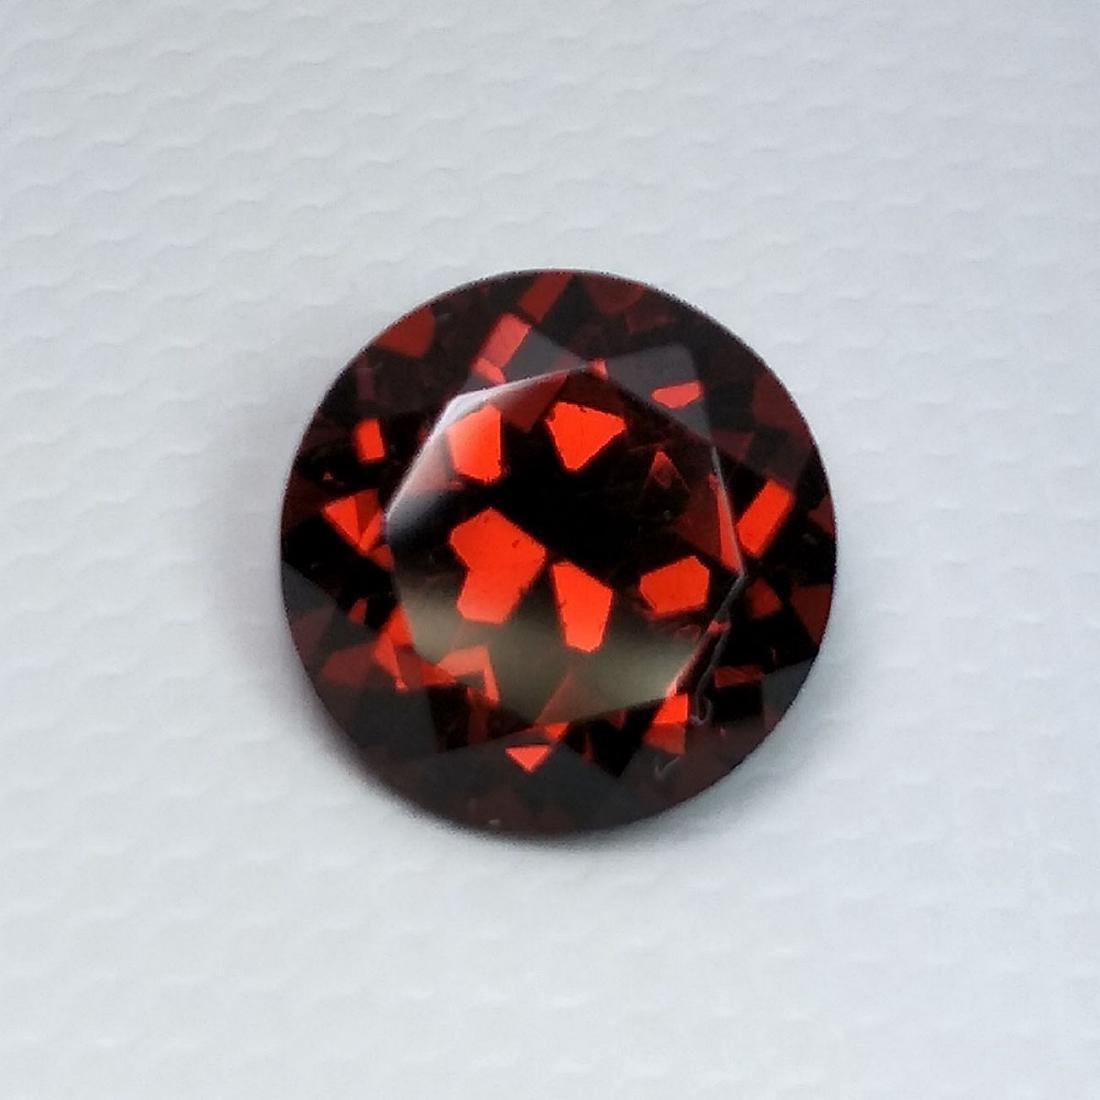 2.28 Carat Loose Pyrope - Almandite Red Garnet